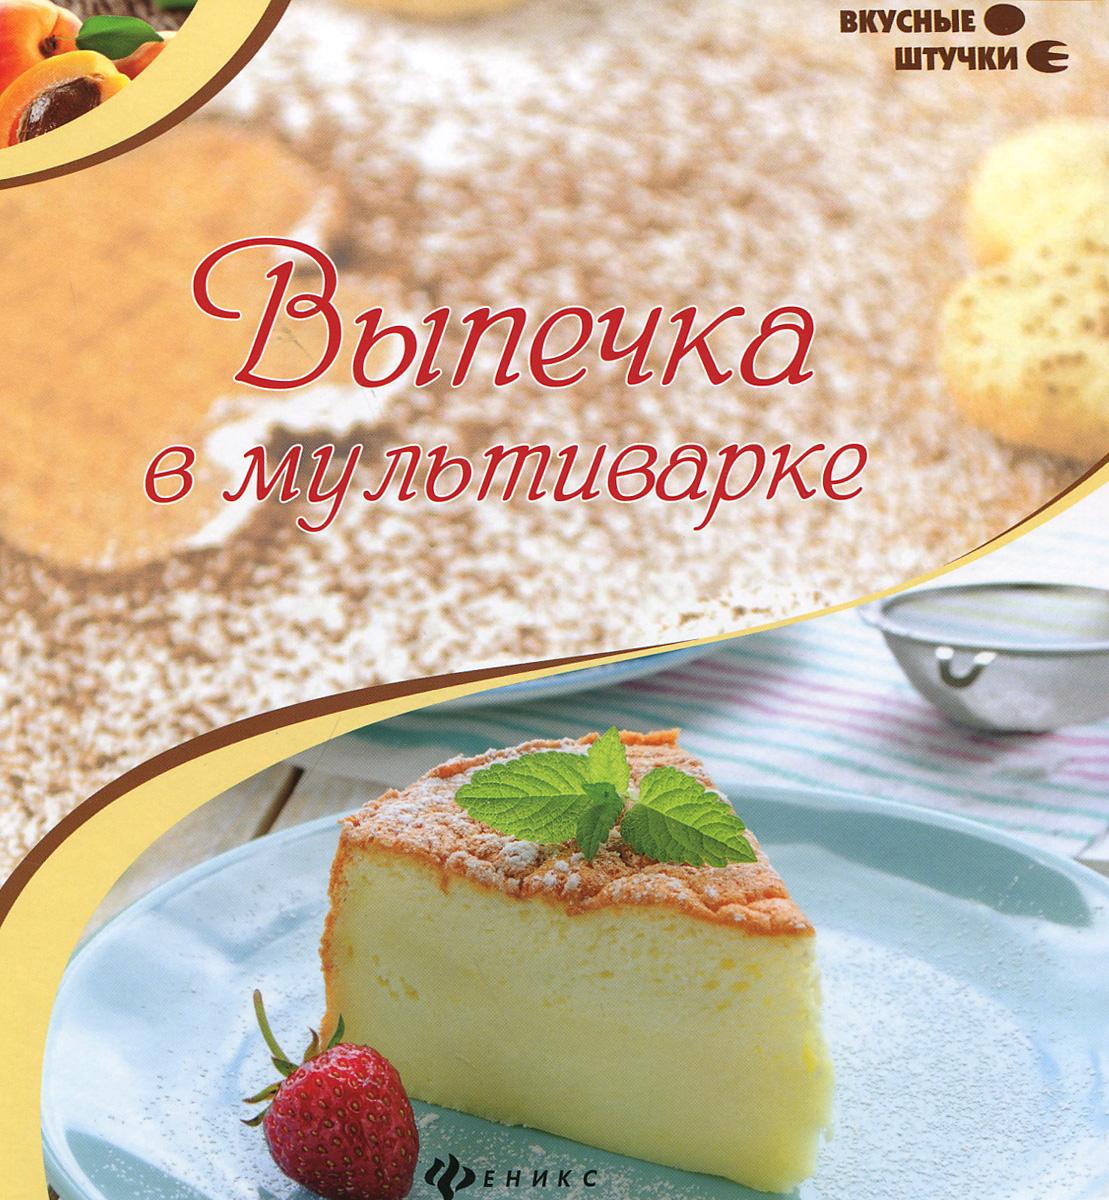 Выпечка в мультиварке, О. А. Комиссарова